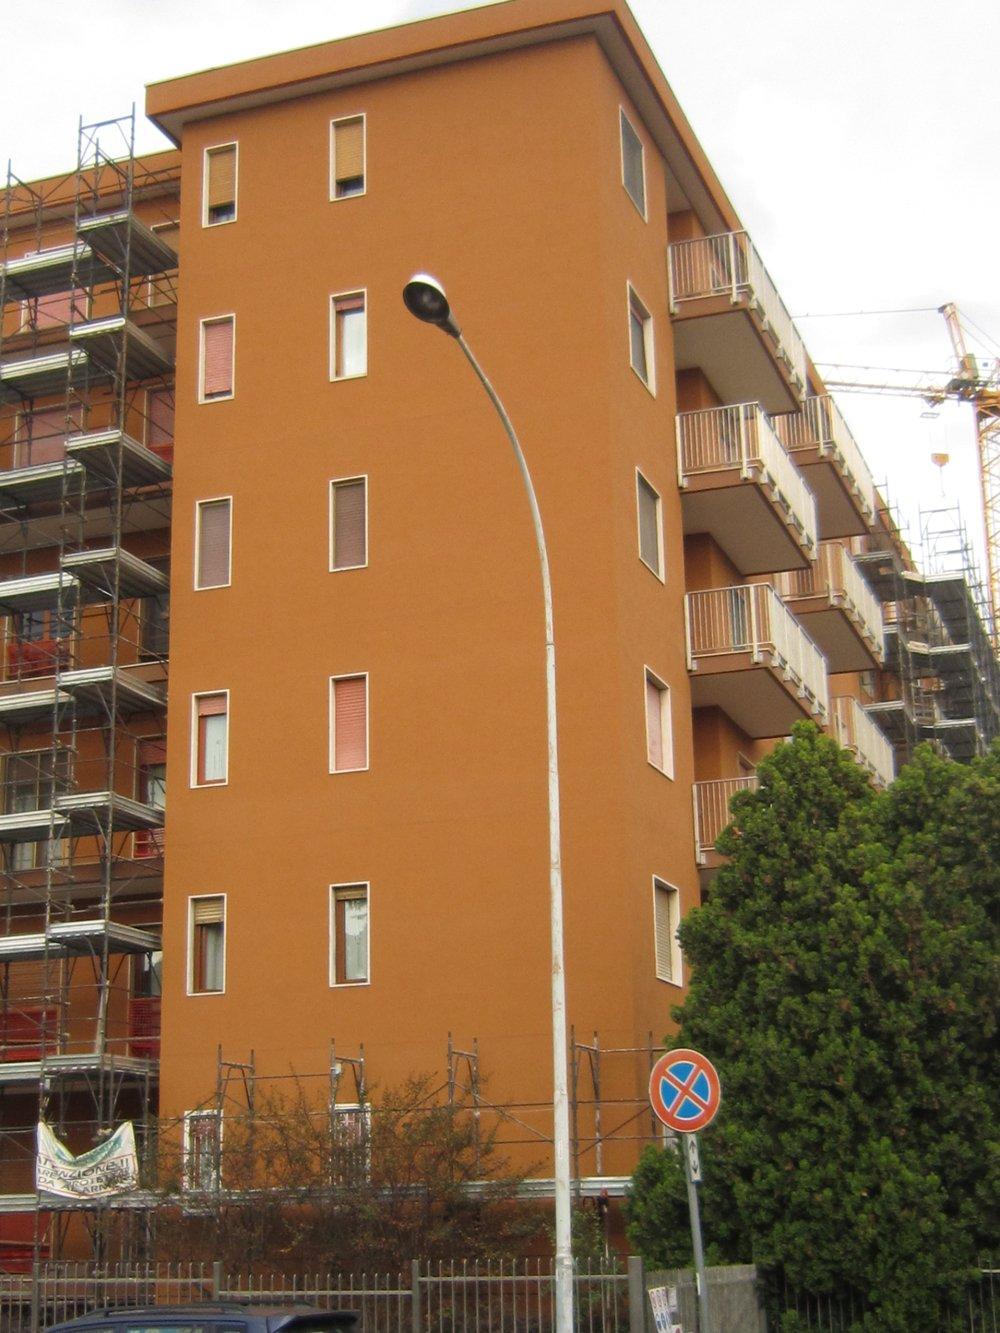 condominio Argentia Edil Piazzatorre